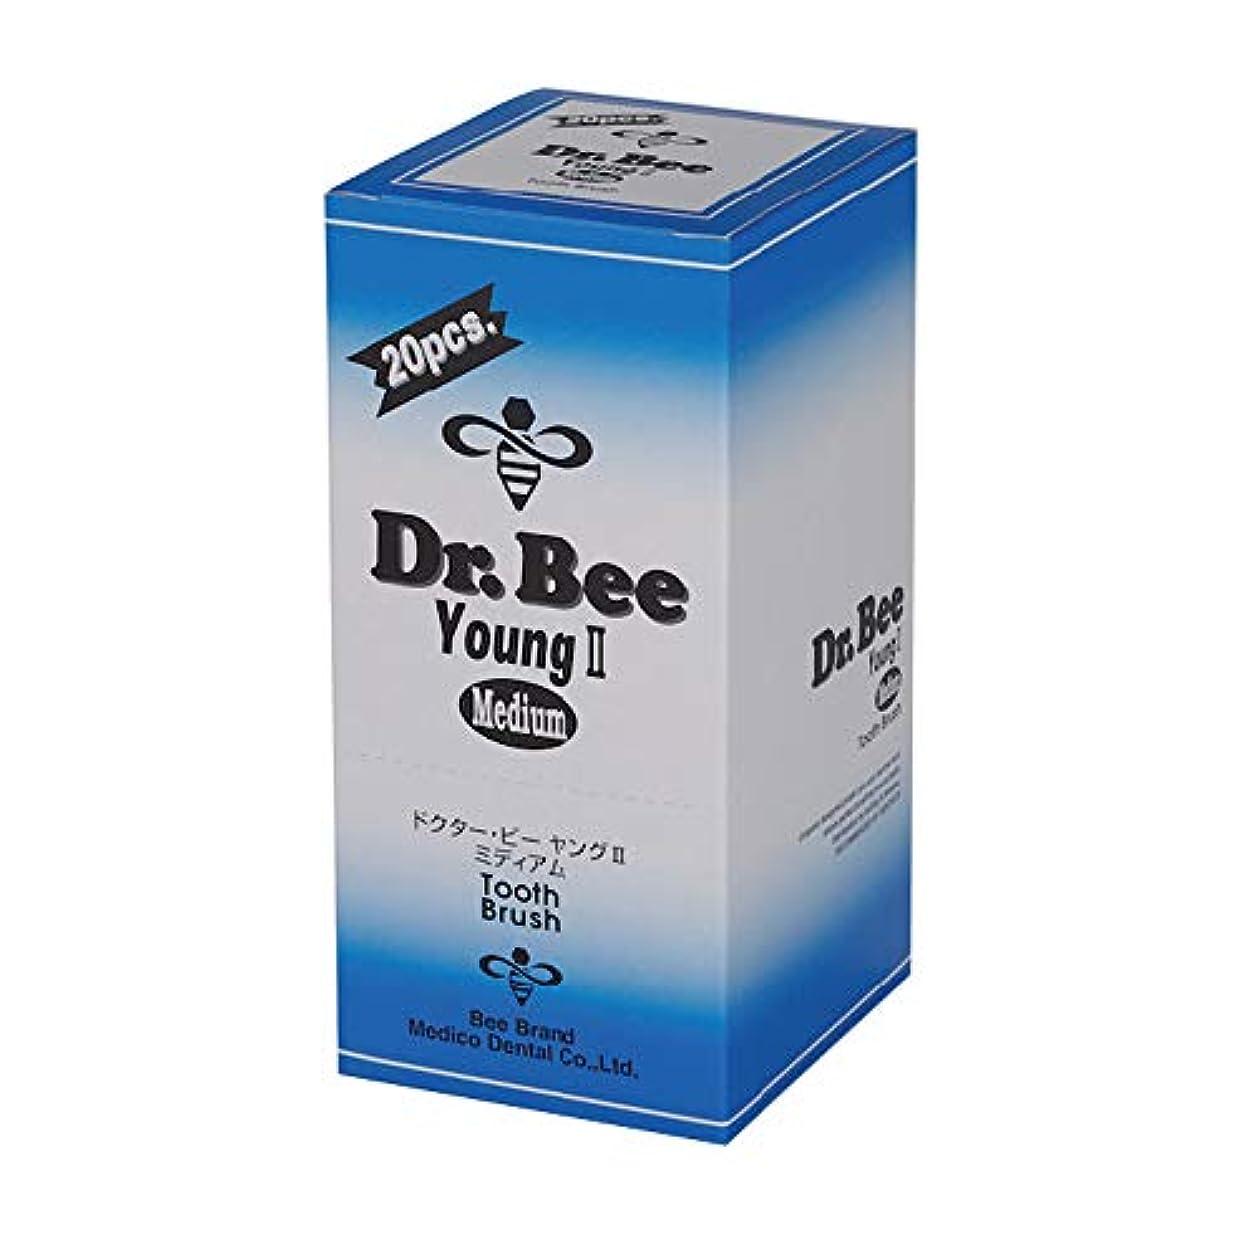 ストレッチ小人魅力的であることへのアピールDr.Bee ヤングII ミディアム 20本入り